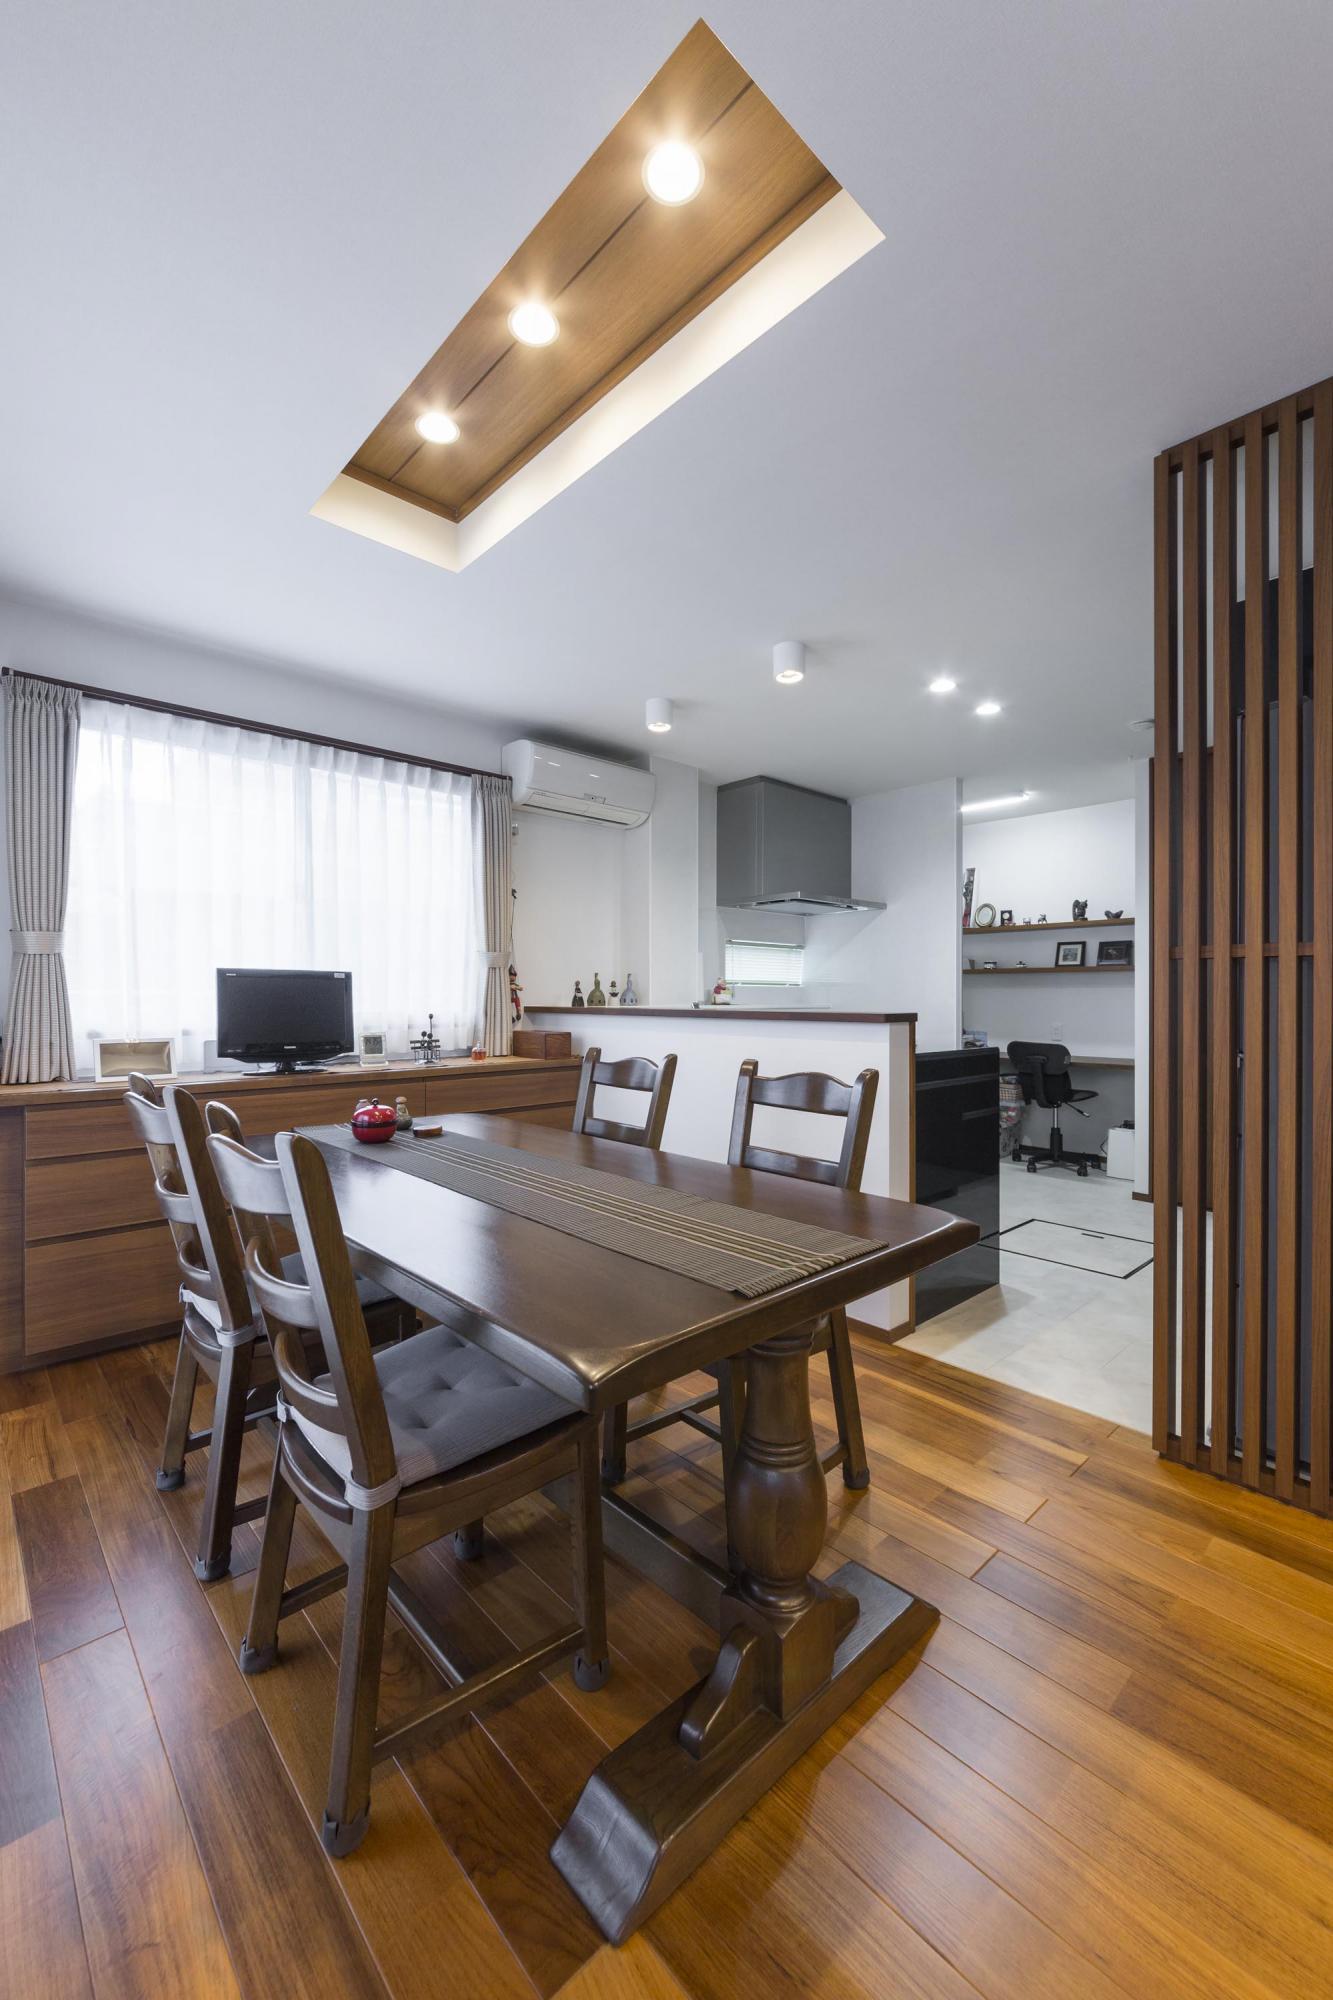 ダイニングの照明は、テーブルの真上部分に埋め込み、デザイン性をもたせた。窓側にはカウンター収納を造作し、正面奥には家事室を設けている。